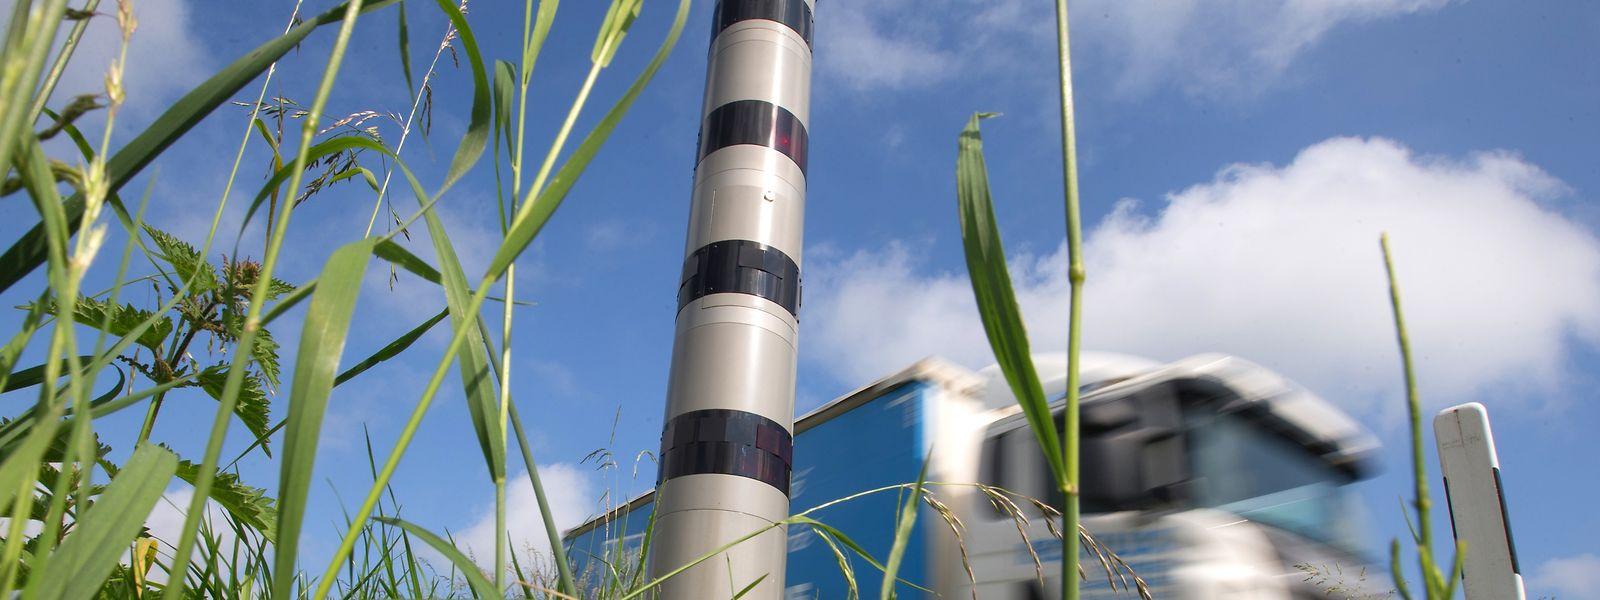 De plus en plus de radars apparaissent sur les routes belges.